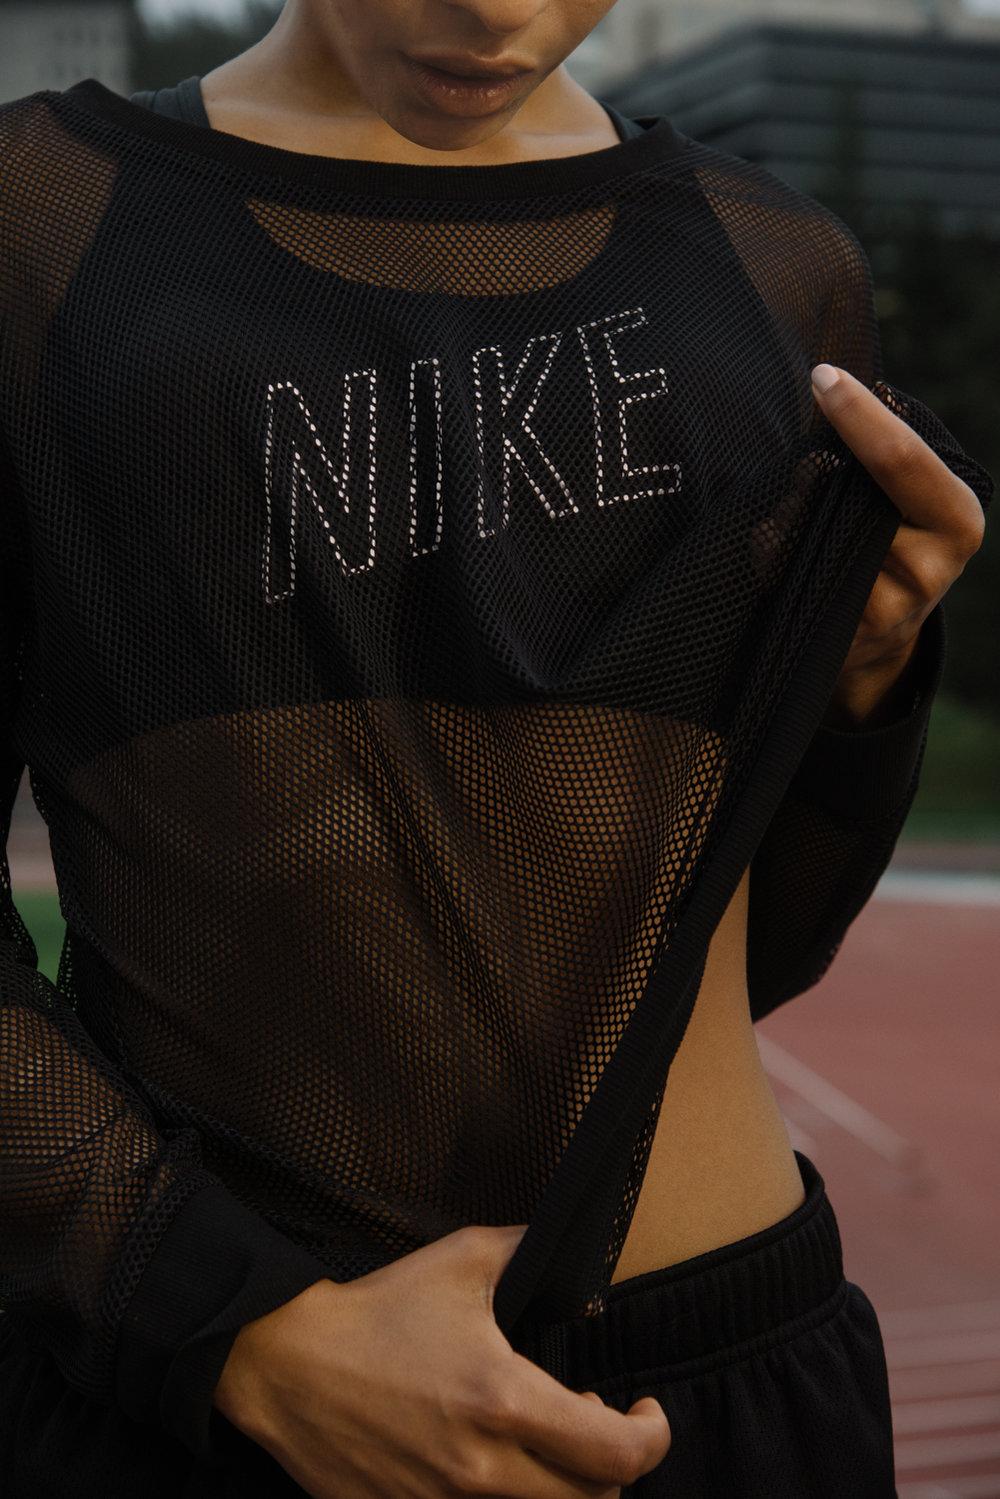 NikeVSCO_294.jpg